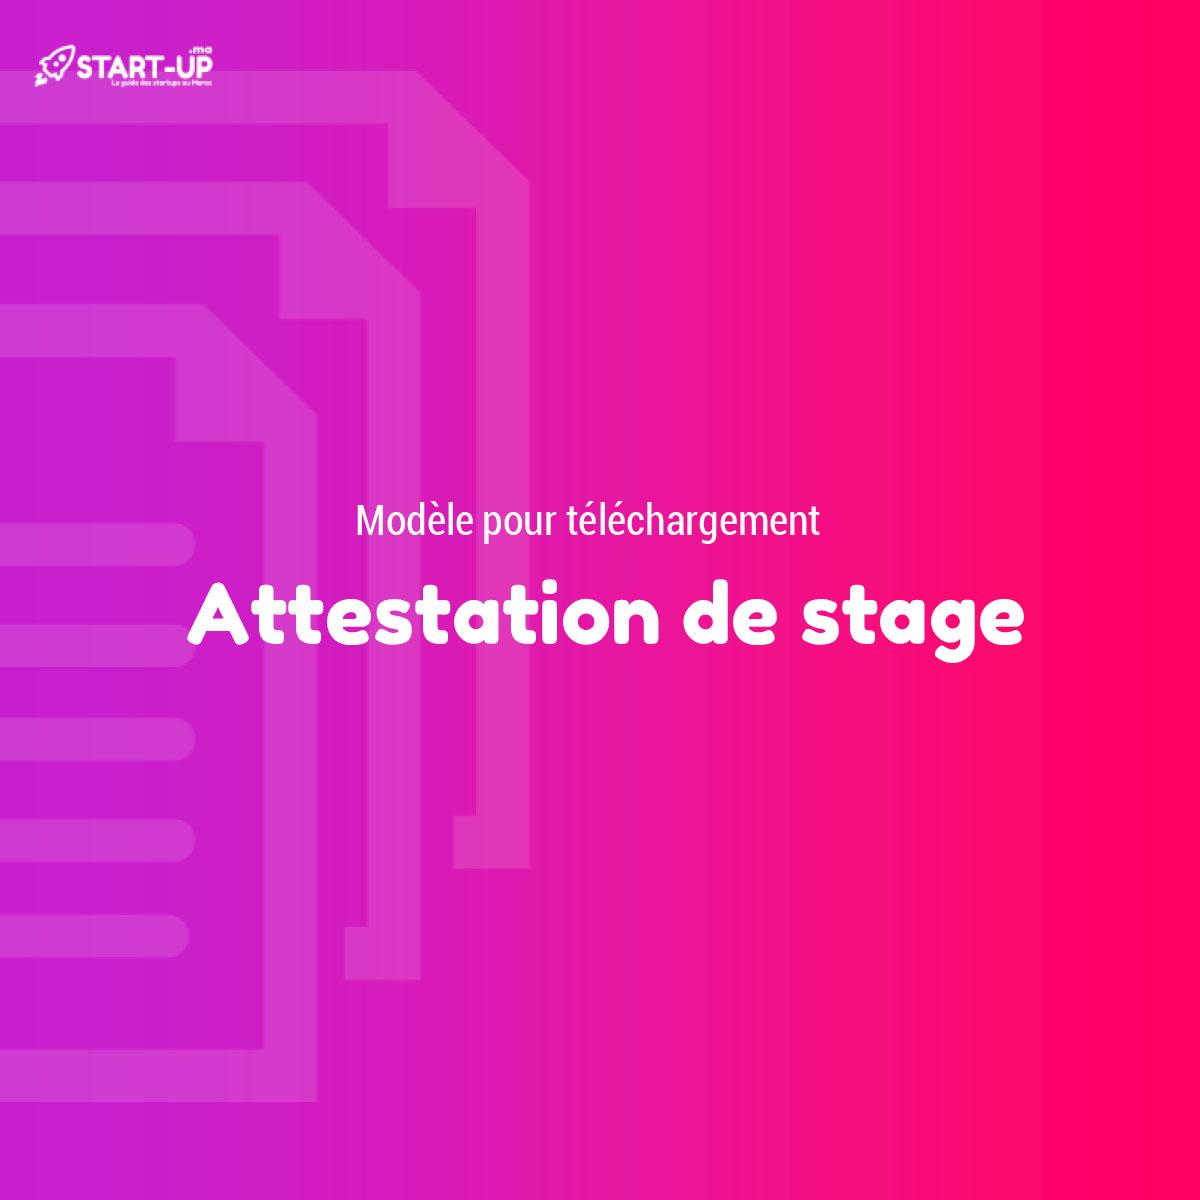 Attestation de stage